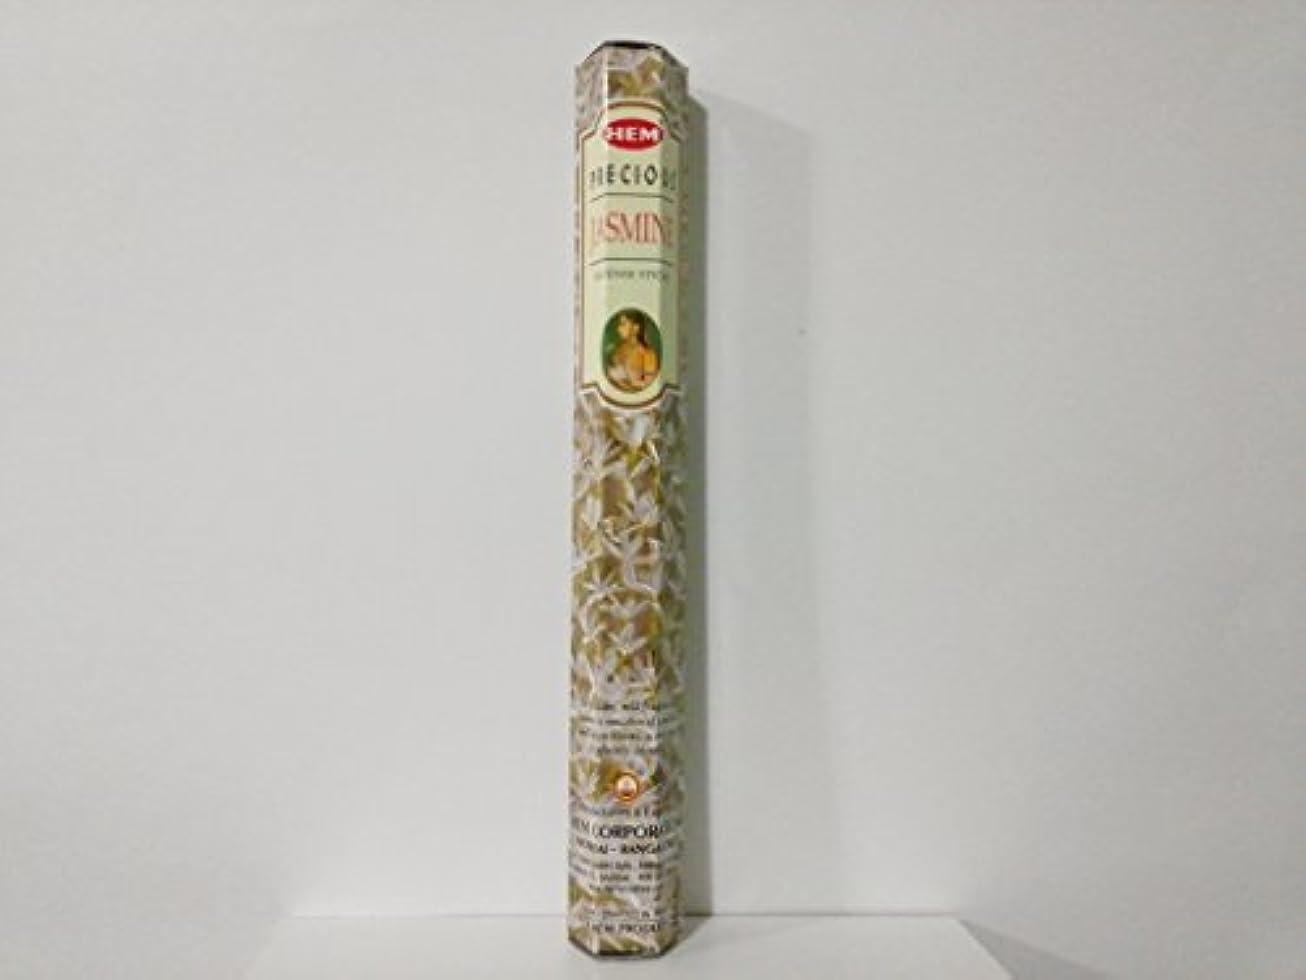 カーテン同僚不道徳1 x Hem Precious Jasmine Incense Sticks 120 Ct